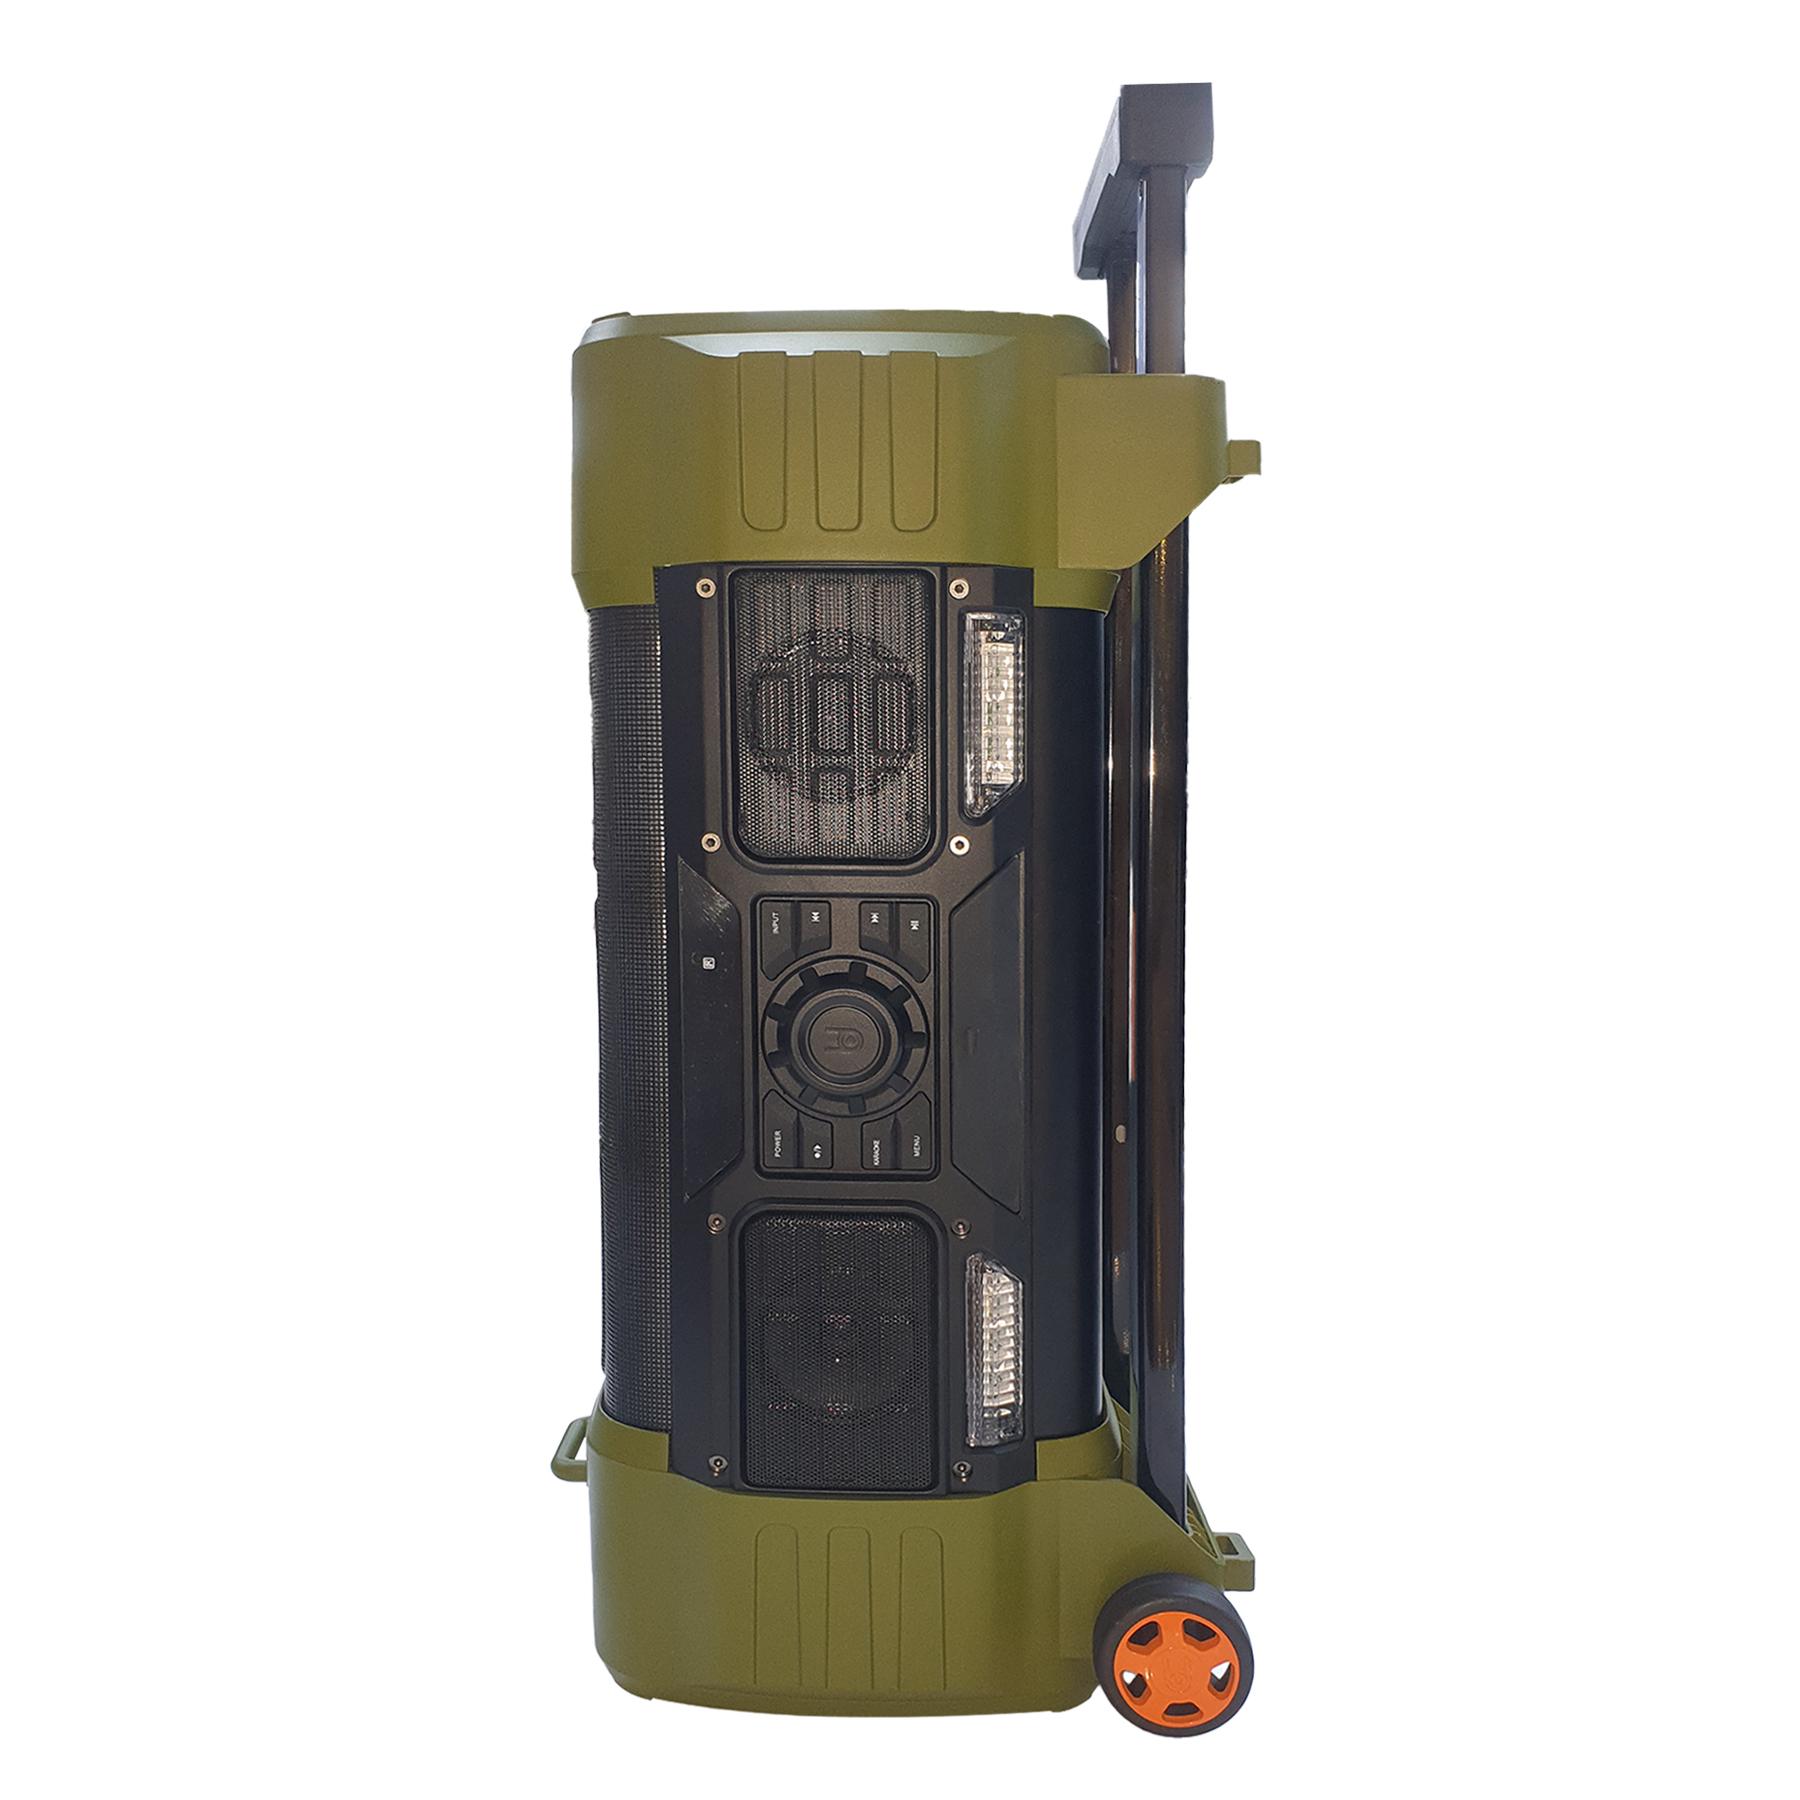 بررسی و {خرید با تخفیف}                                     اسپیکر بلوتوثی قابل حمل بی دی مدل BD-H068                             اصل